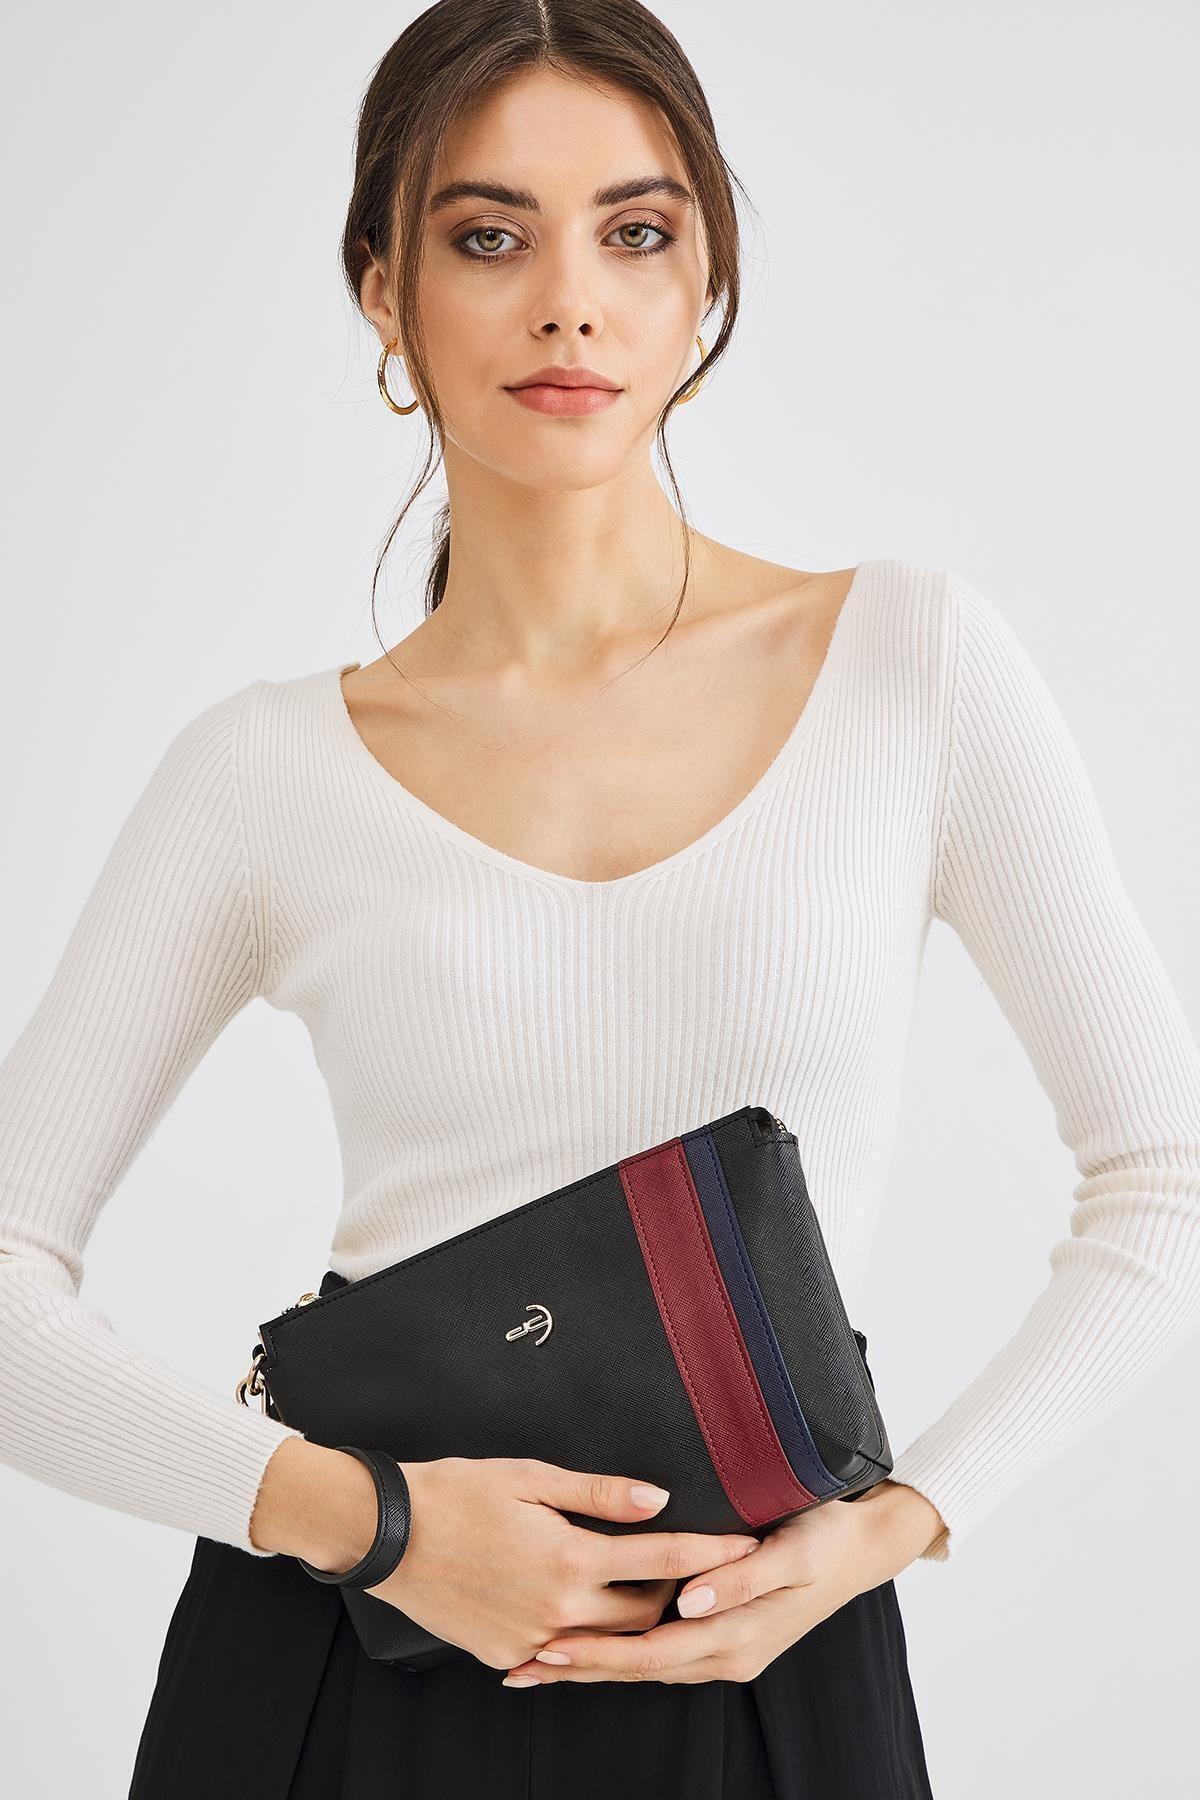 Deri Company Kadın Basic Clutch Çanta Düz Desenli Şeritli Logolu Siyah Bordo (4006s-bl) 214012 1